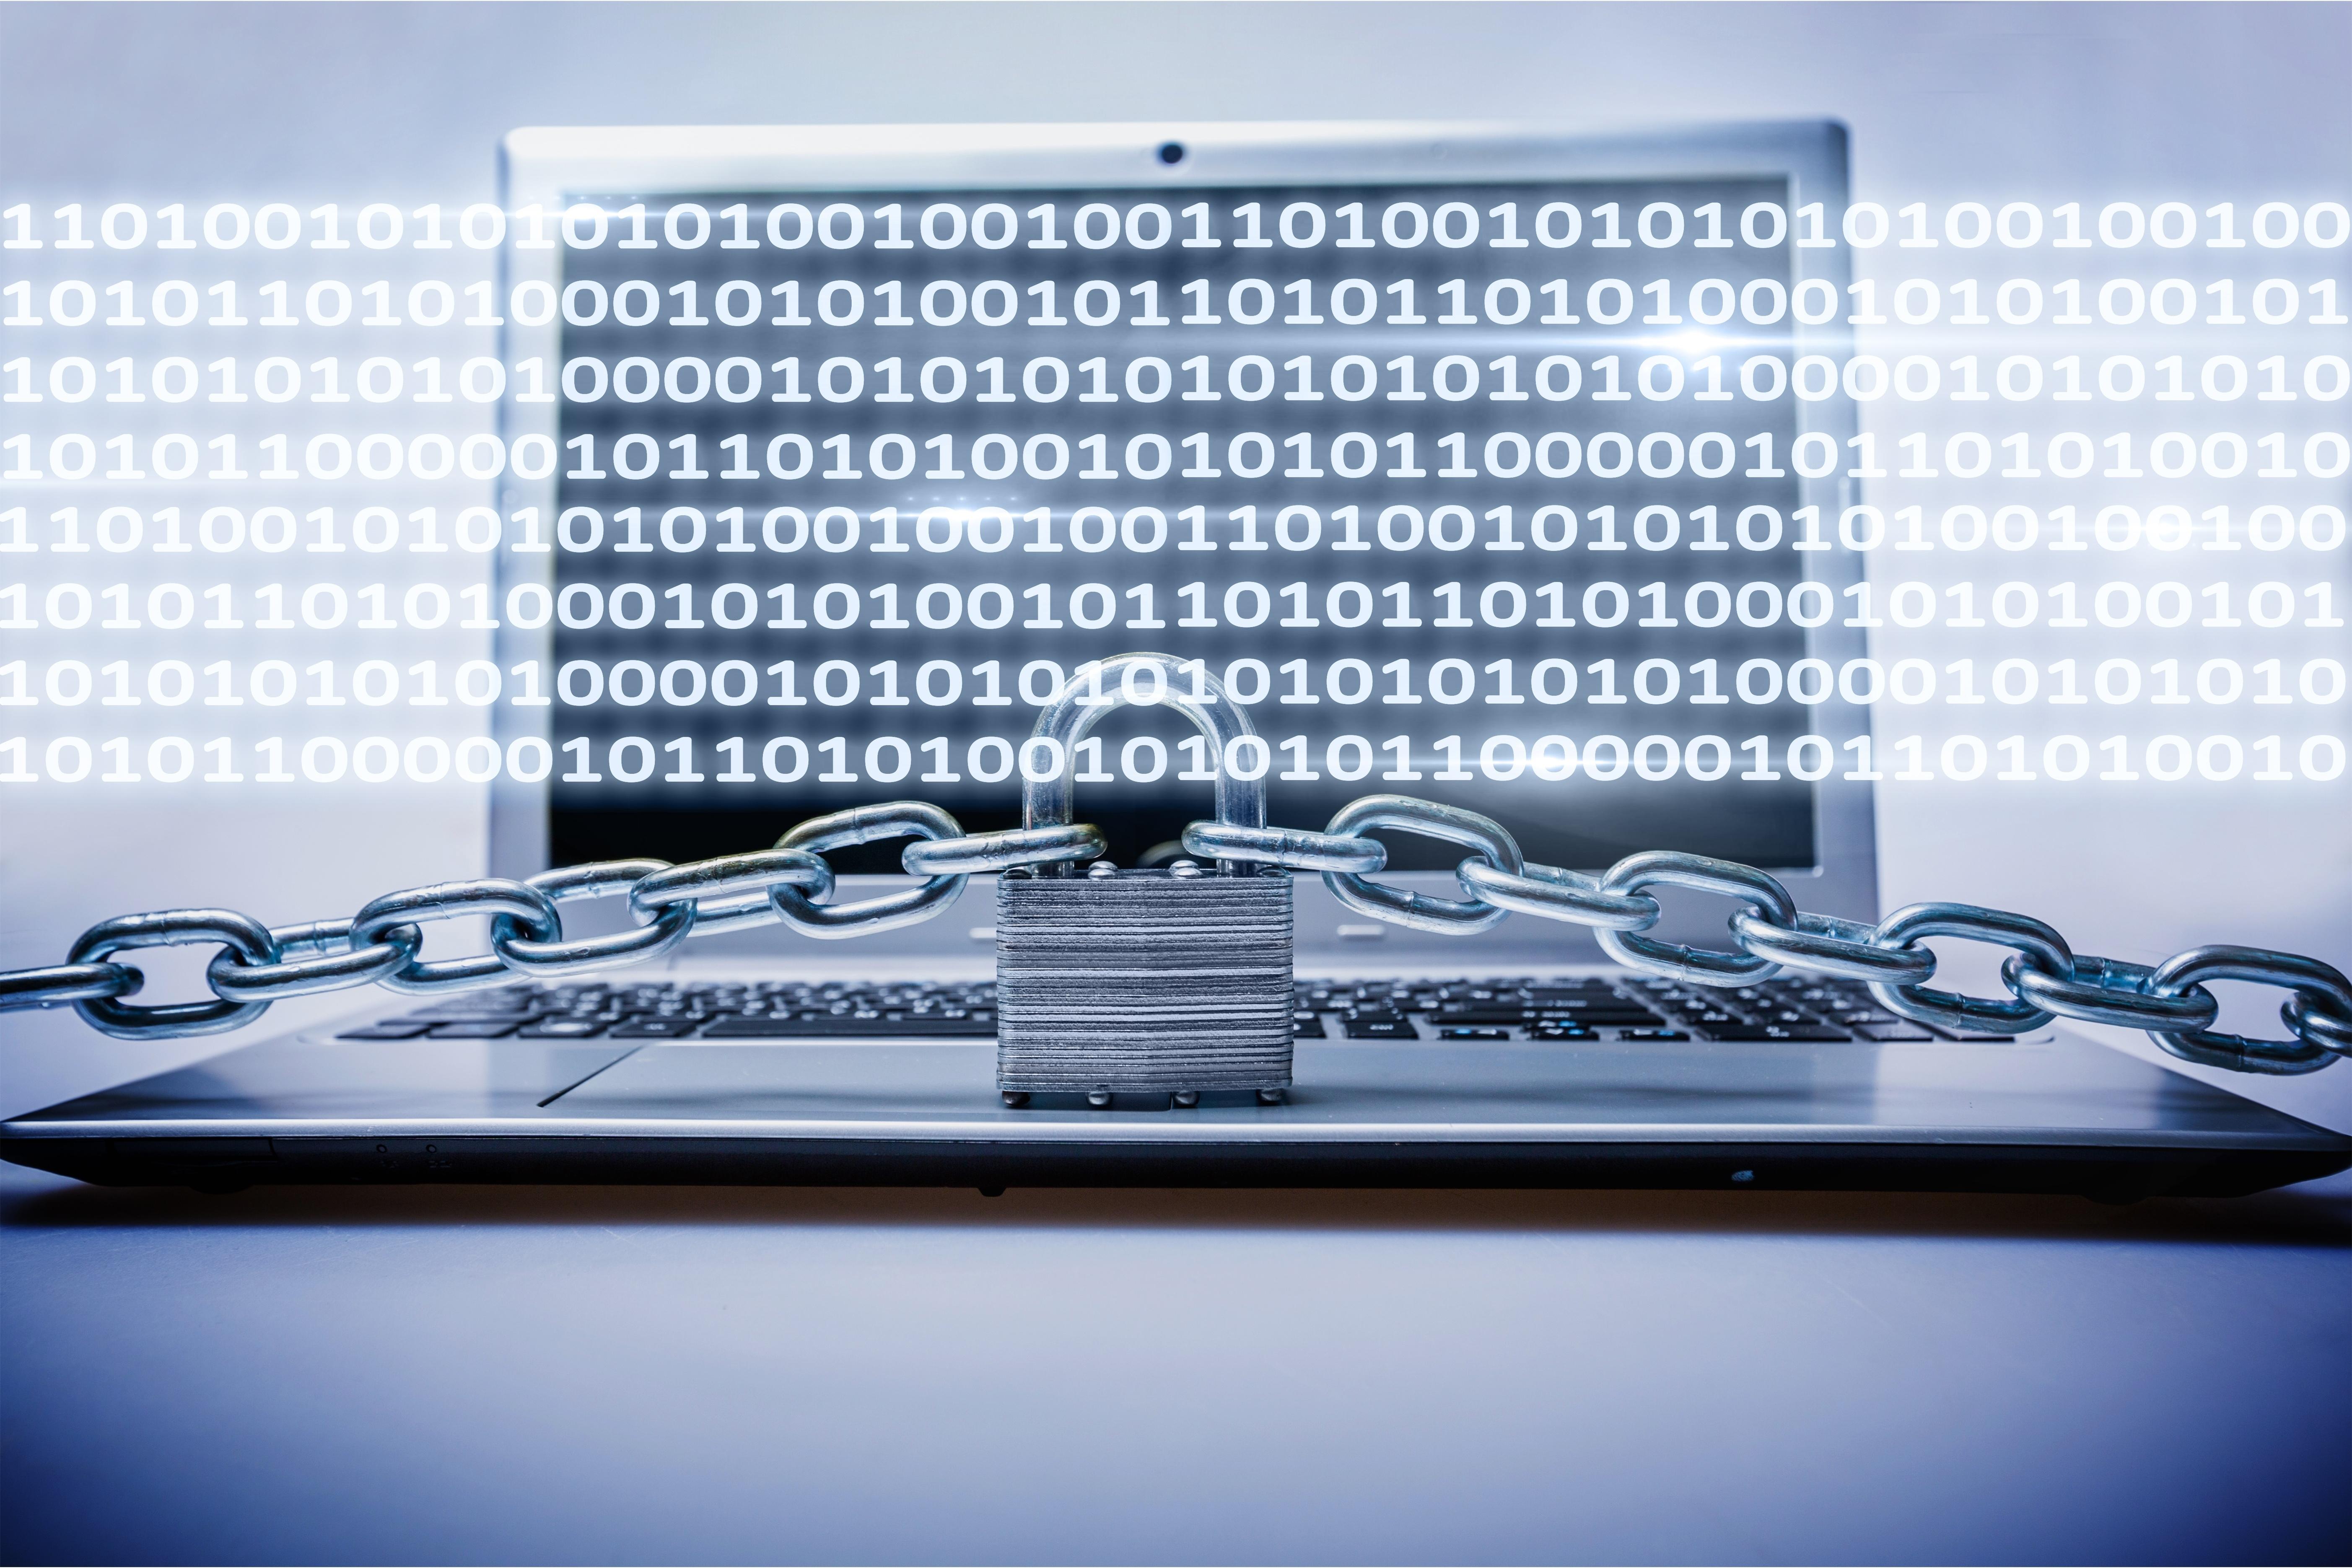 Макар и да е вярно, че хакерските атаки ще стават по-умели, има няколко неща, които можете да направите, за да предпазите информацията си.